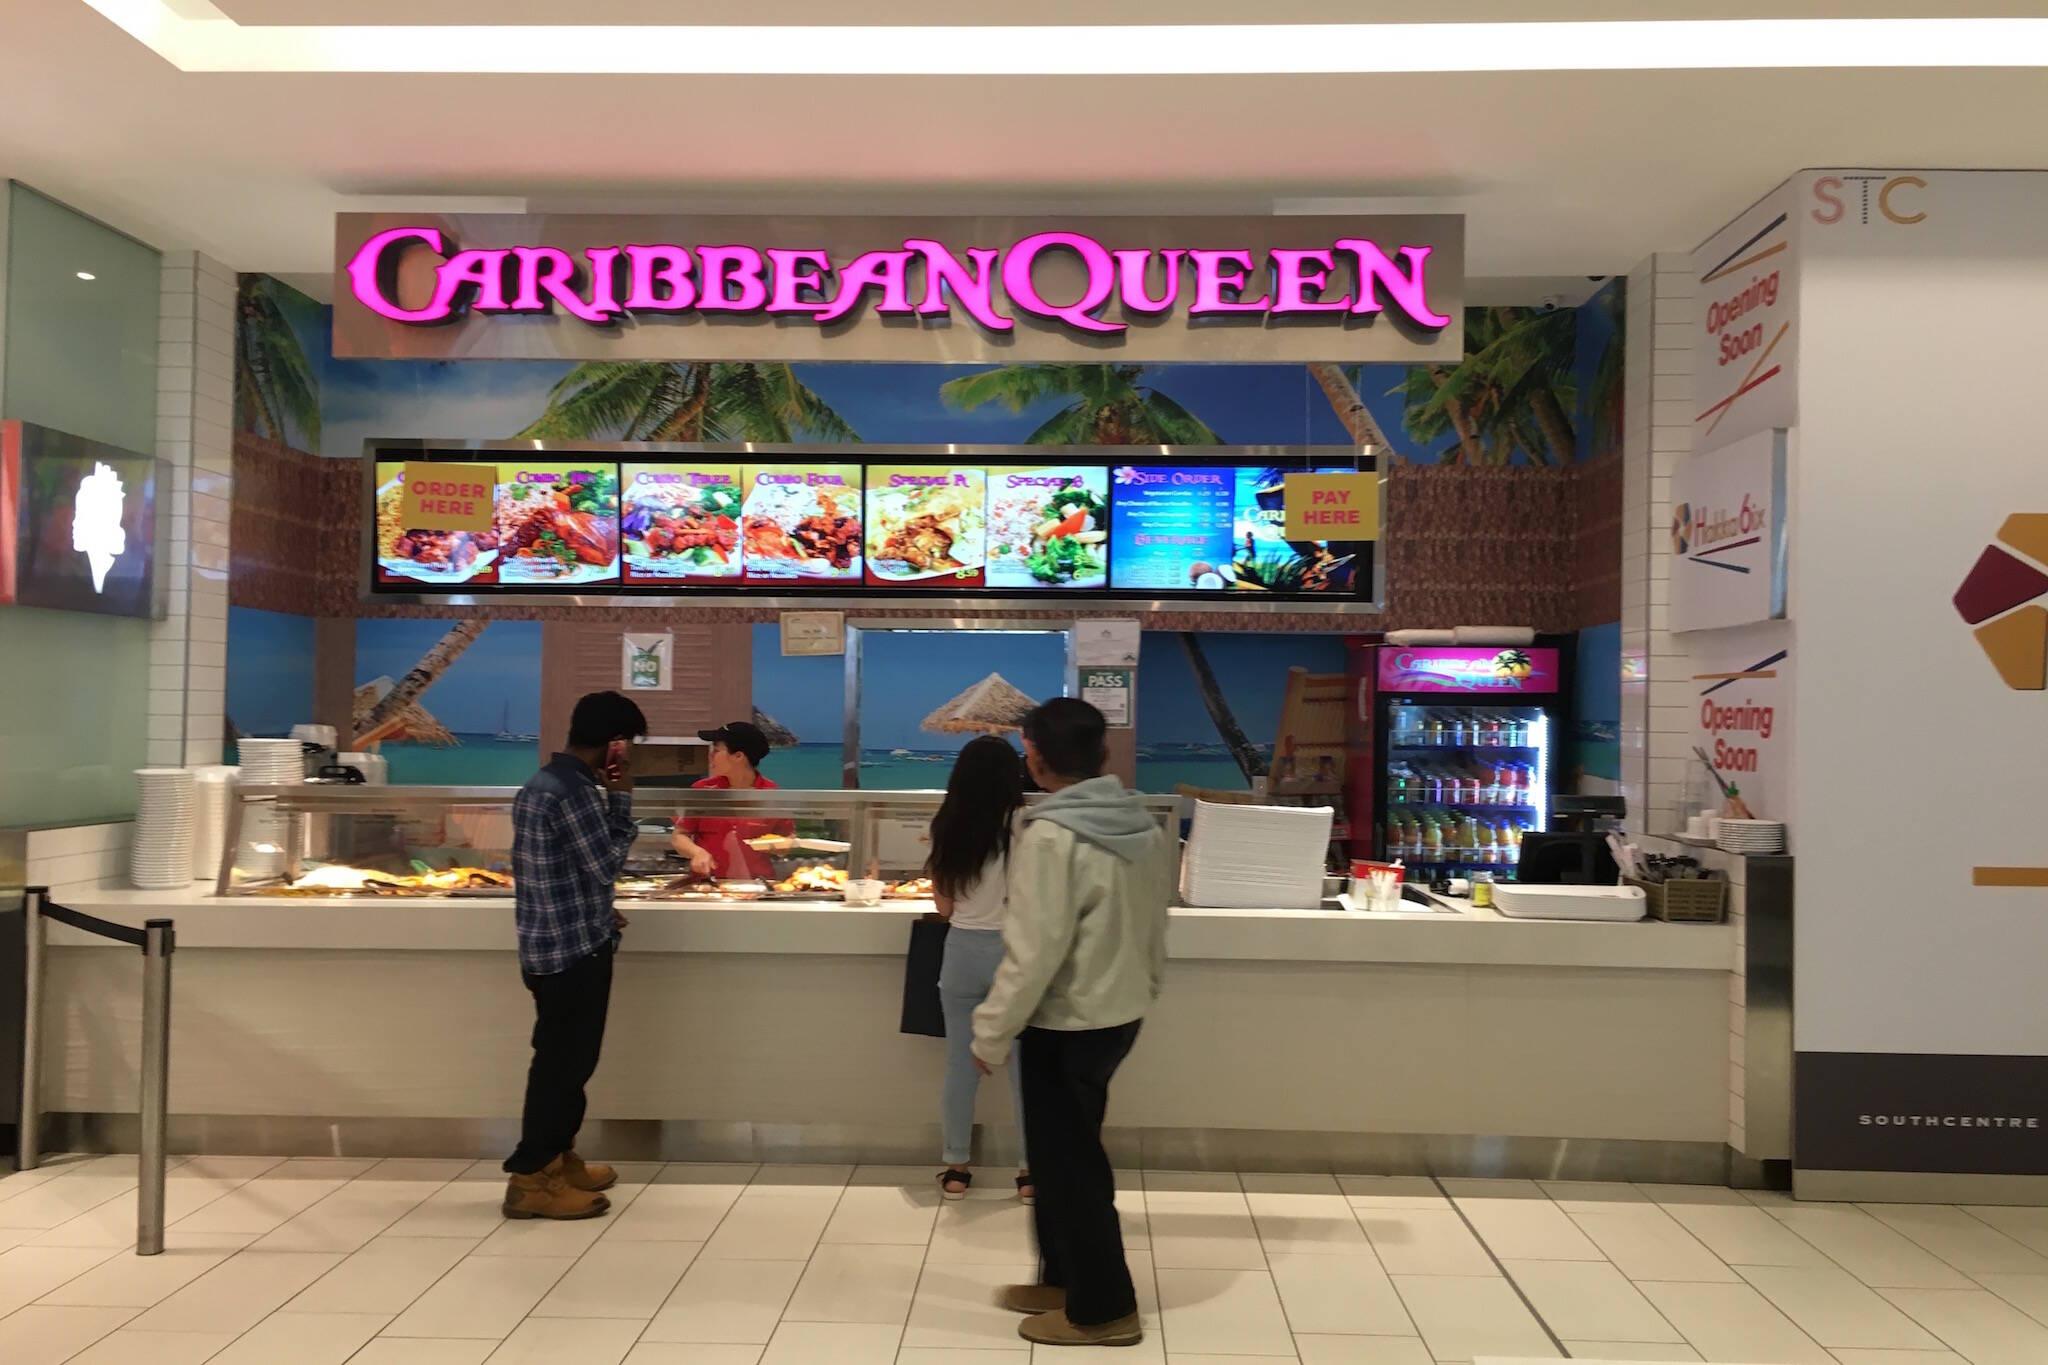 Caribbean Queen Scarborough